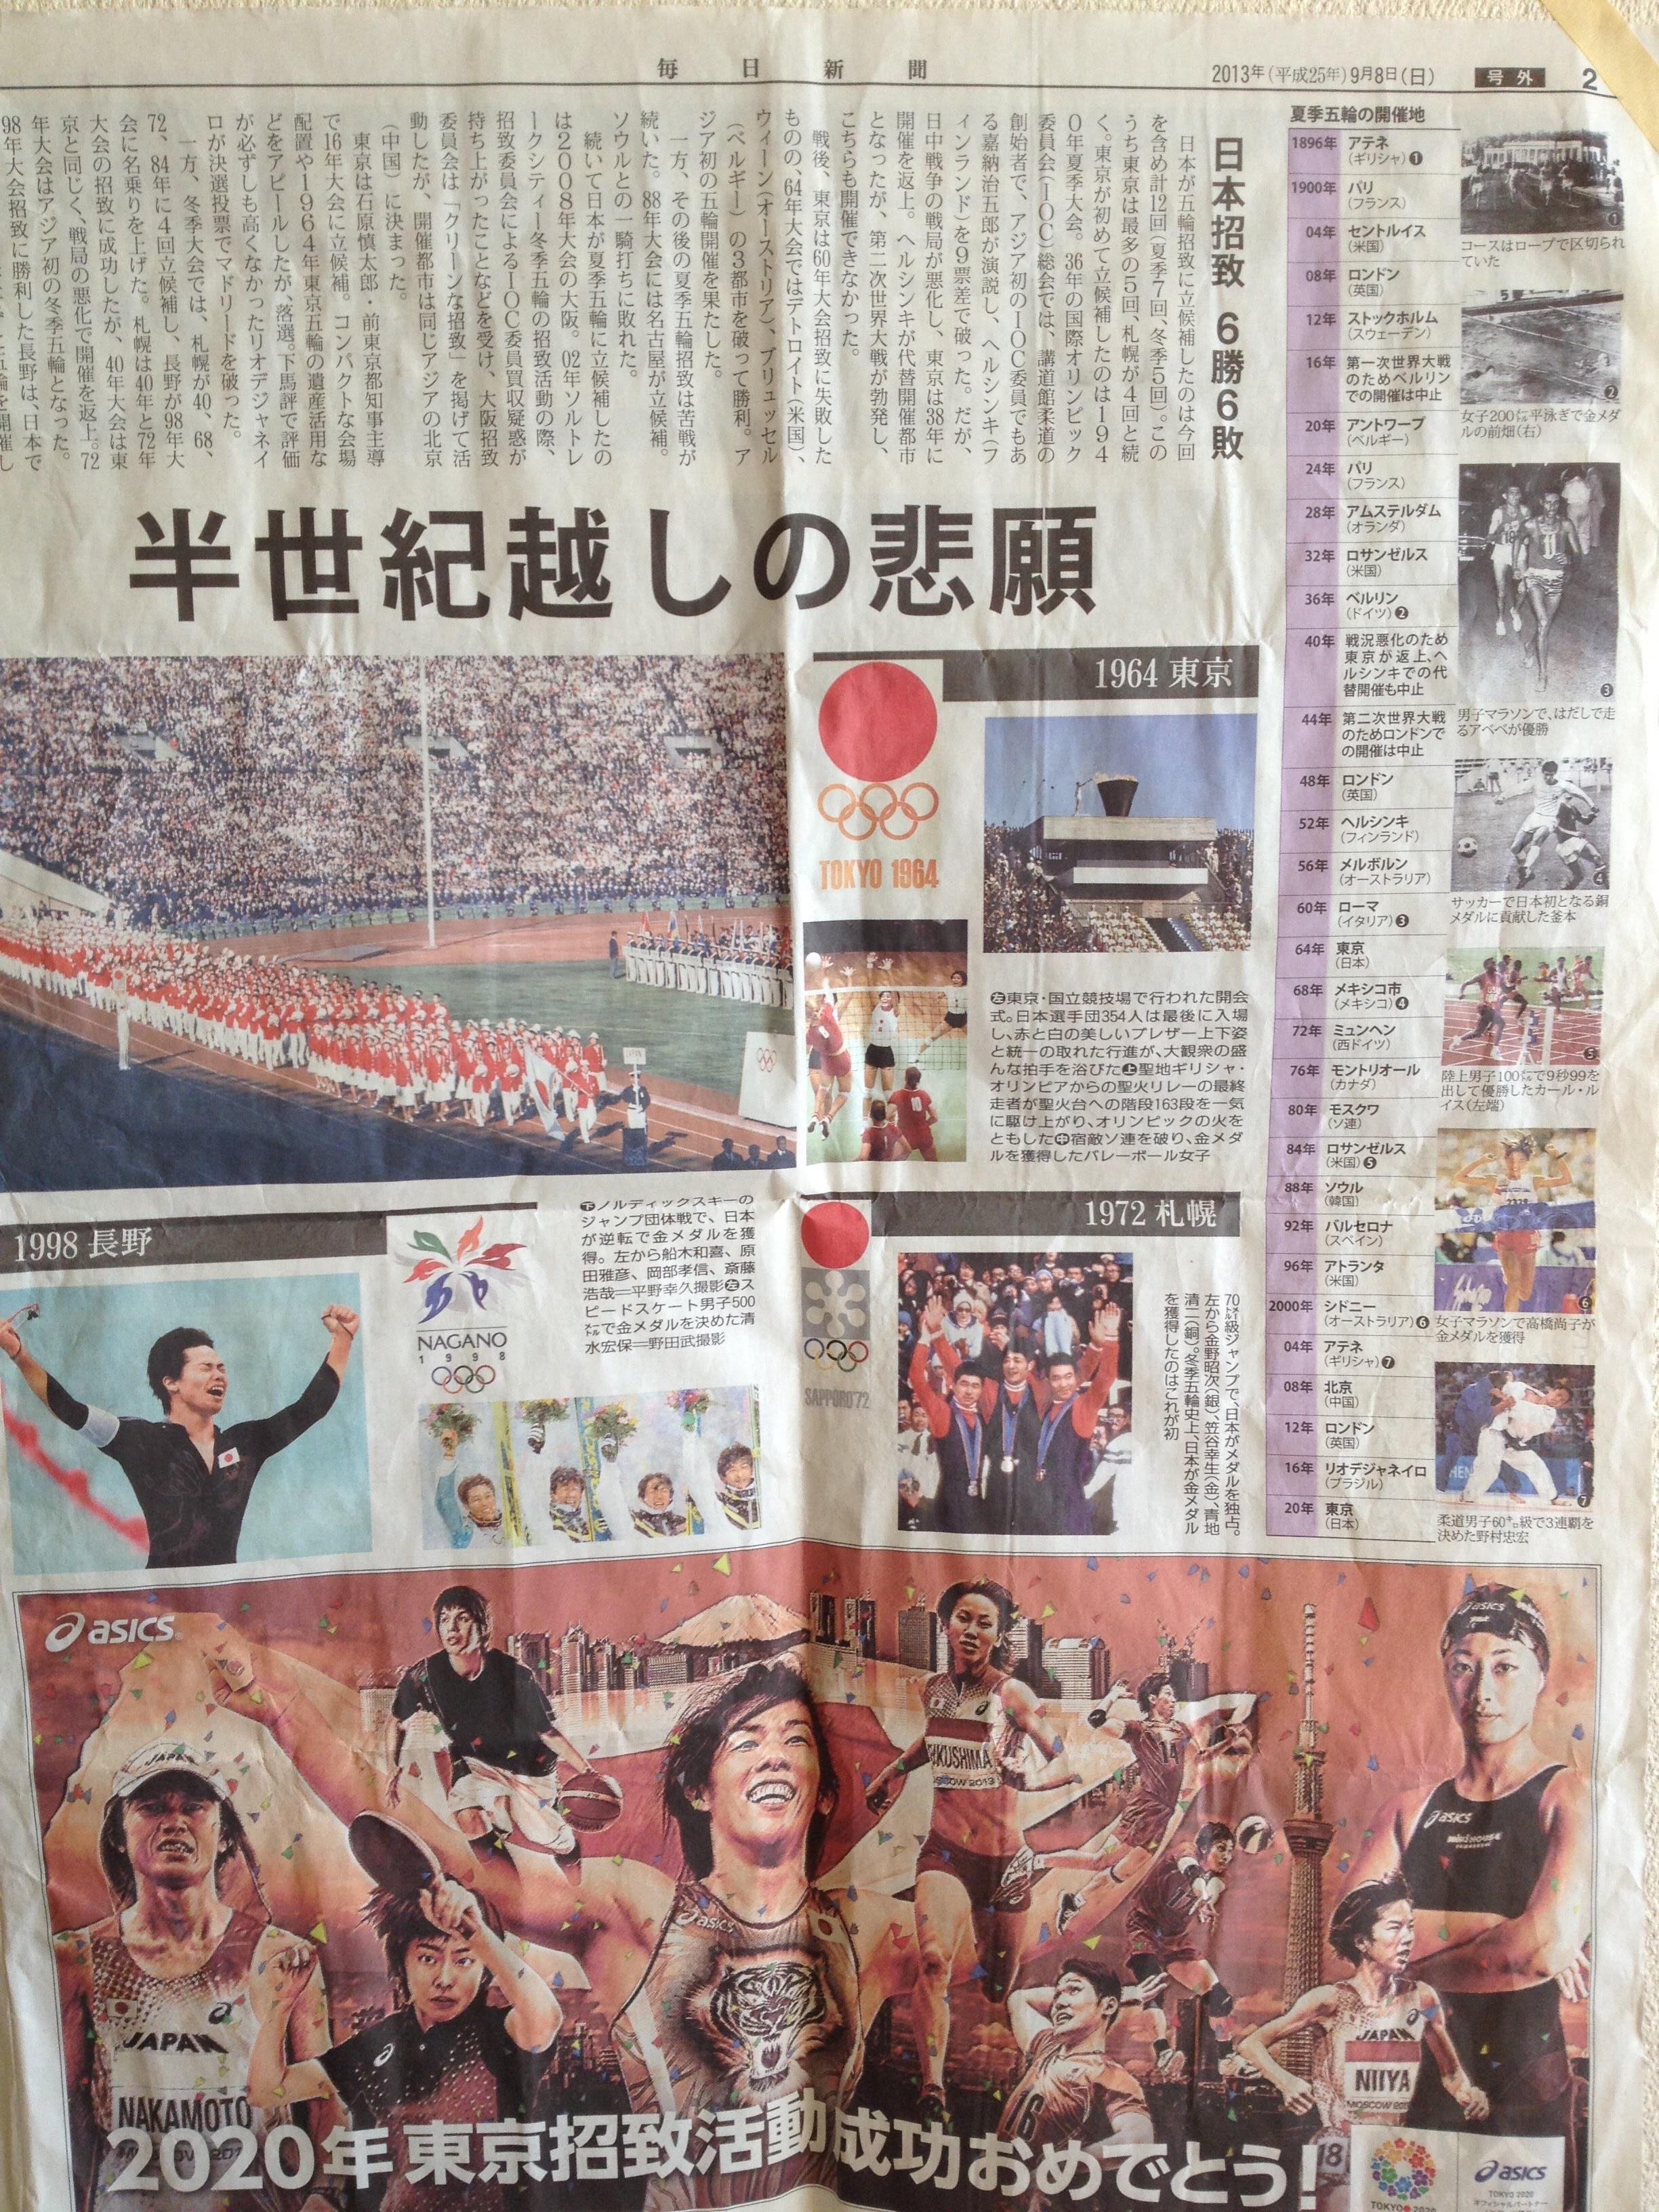 しろ 東京 オリンピック 中止